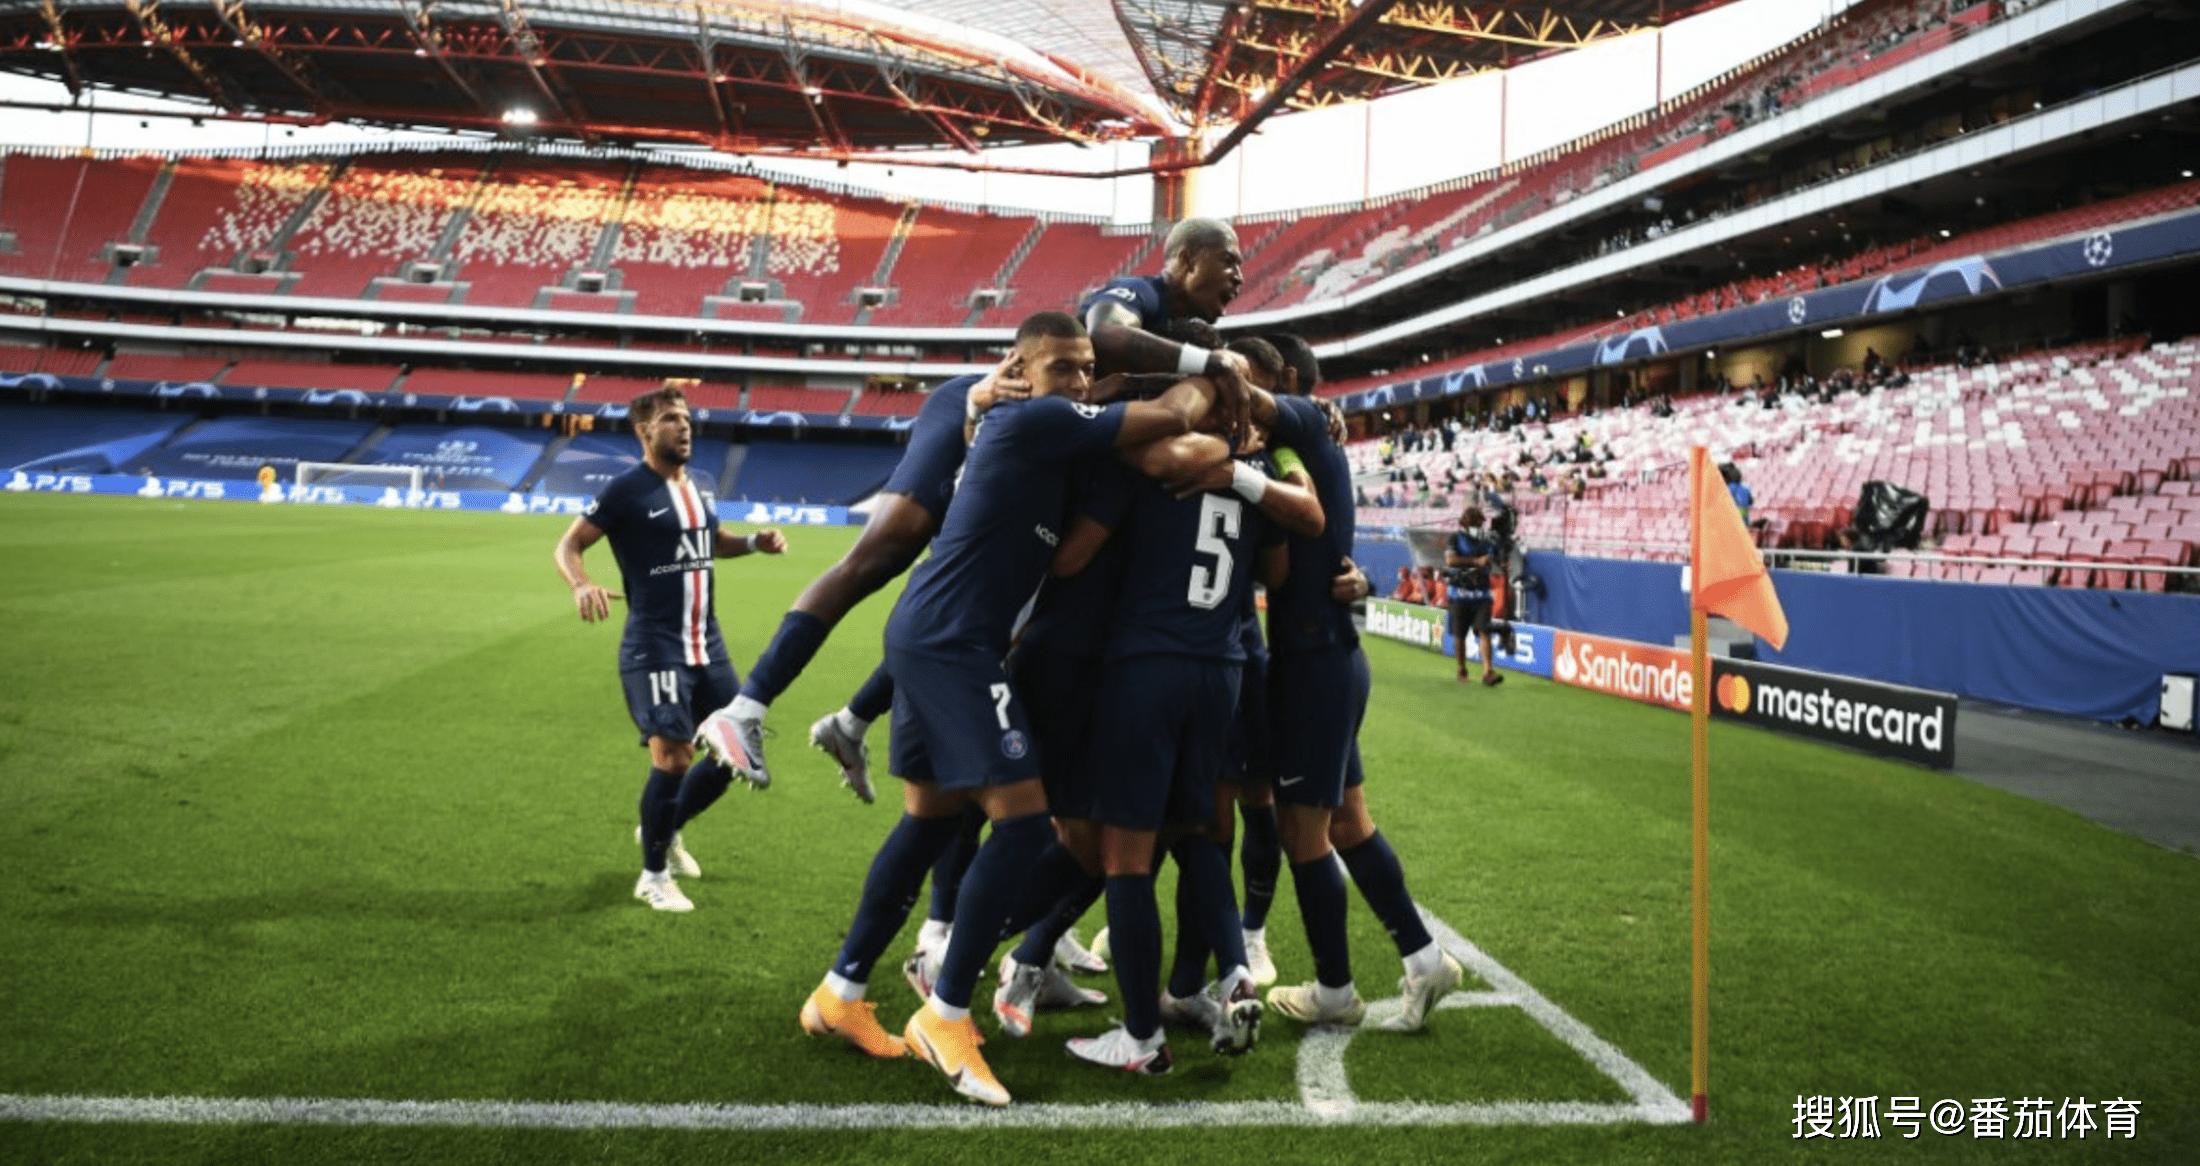 「欧冠杯」巴黎一旦夺冠 每人奖励407万